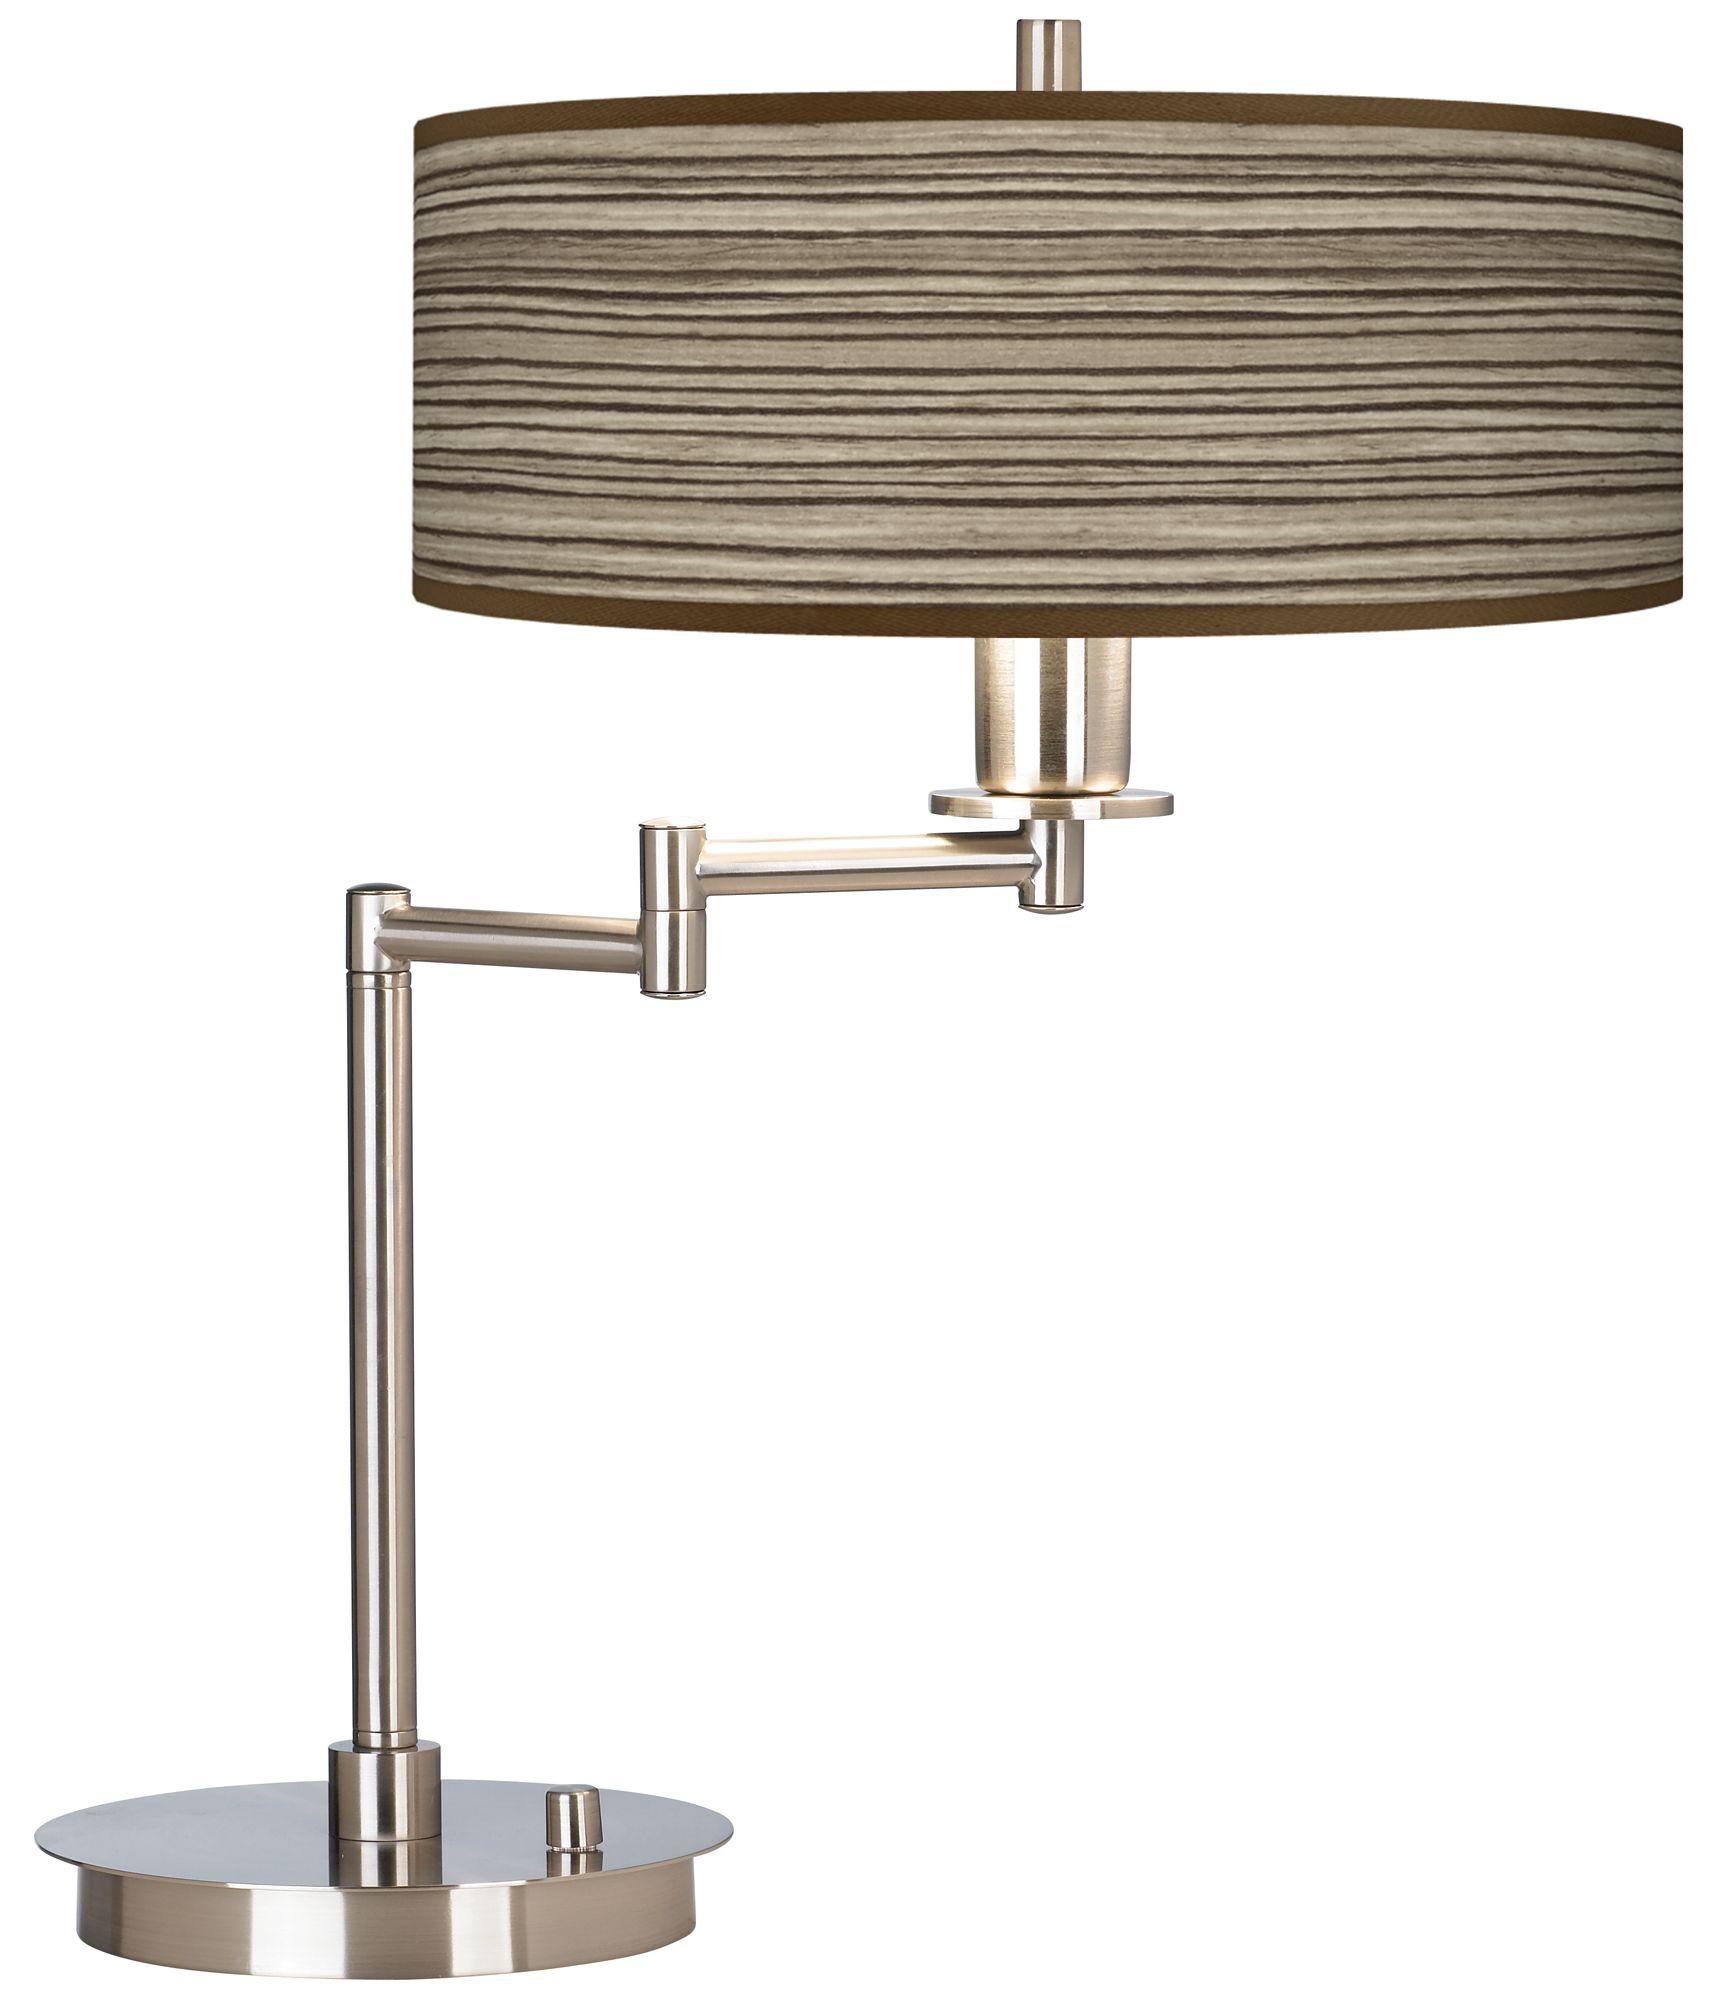 Merveilleux Cedar Zebrawood Giclee CFL Swing Arm Desk Lamp